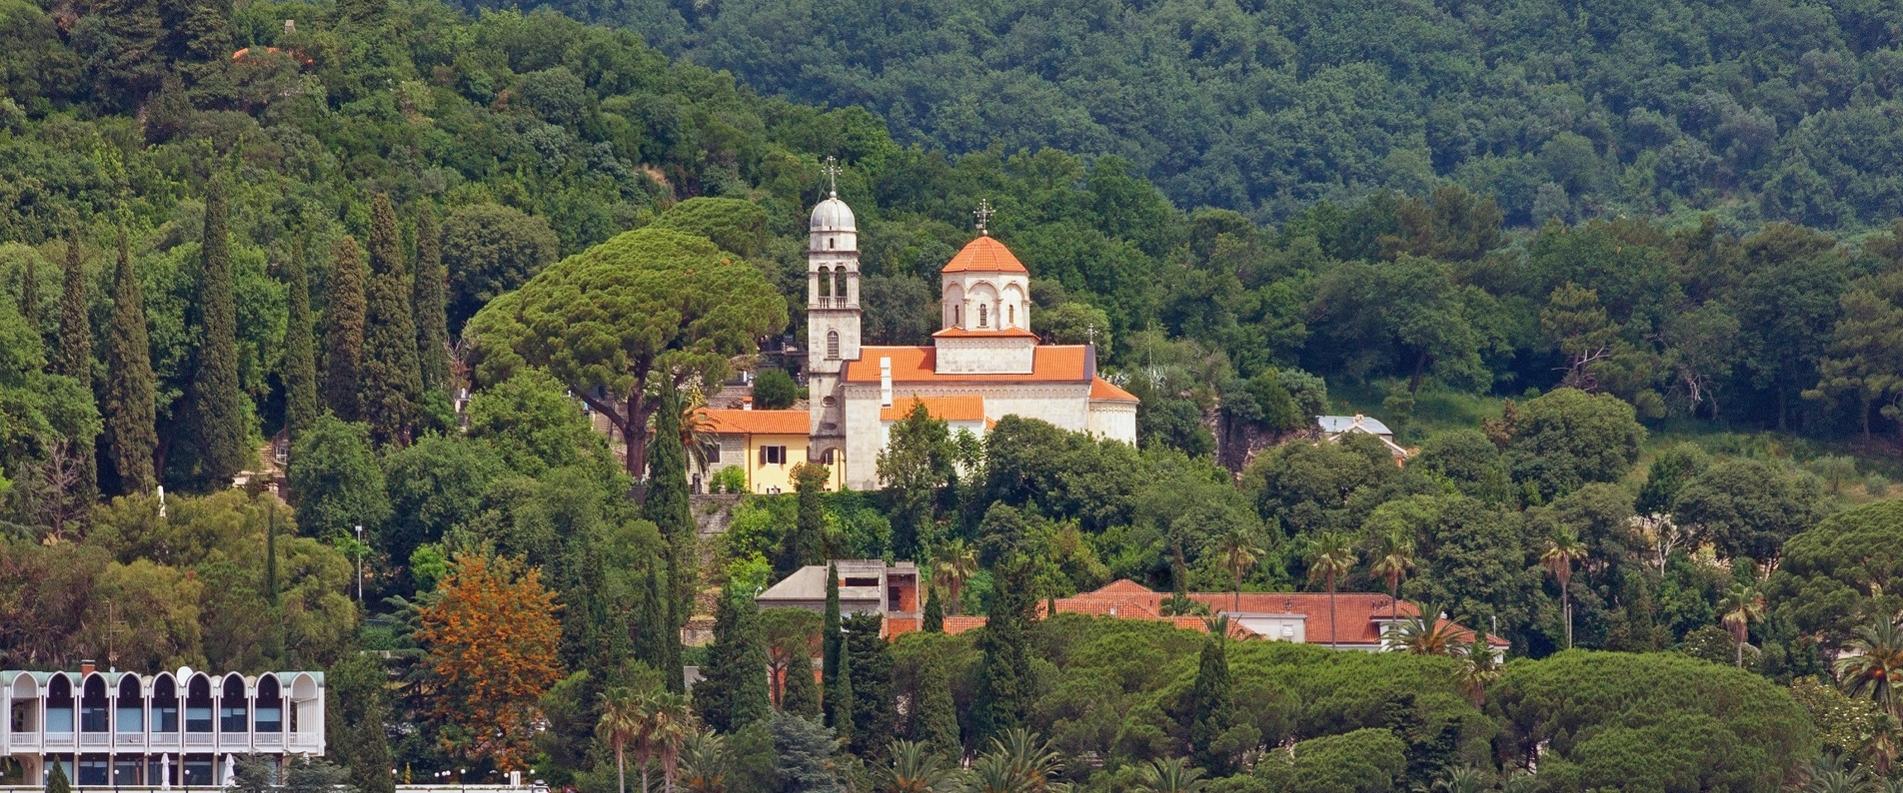 Черногорские монастыри: высоко, близко к небу